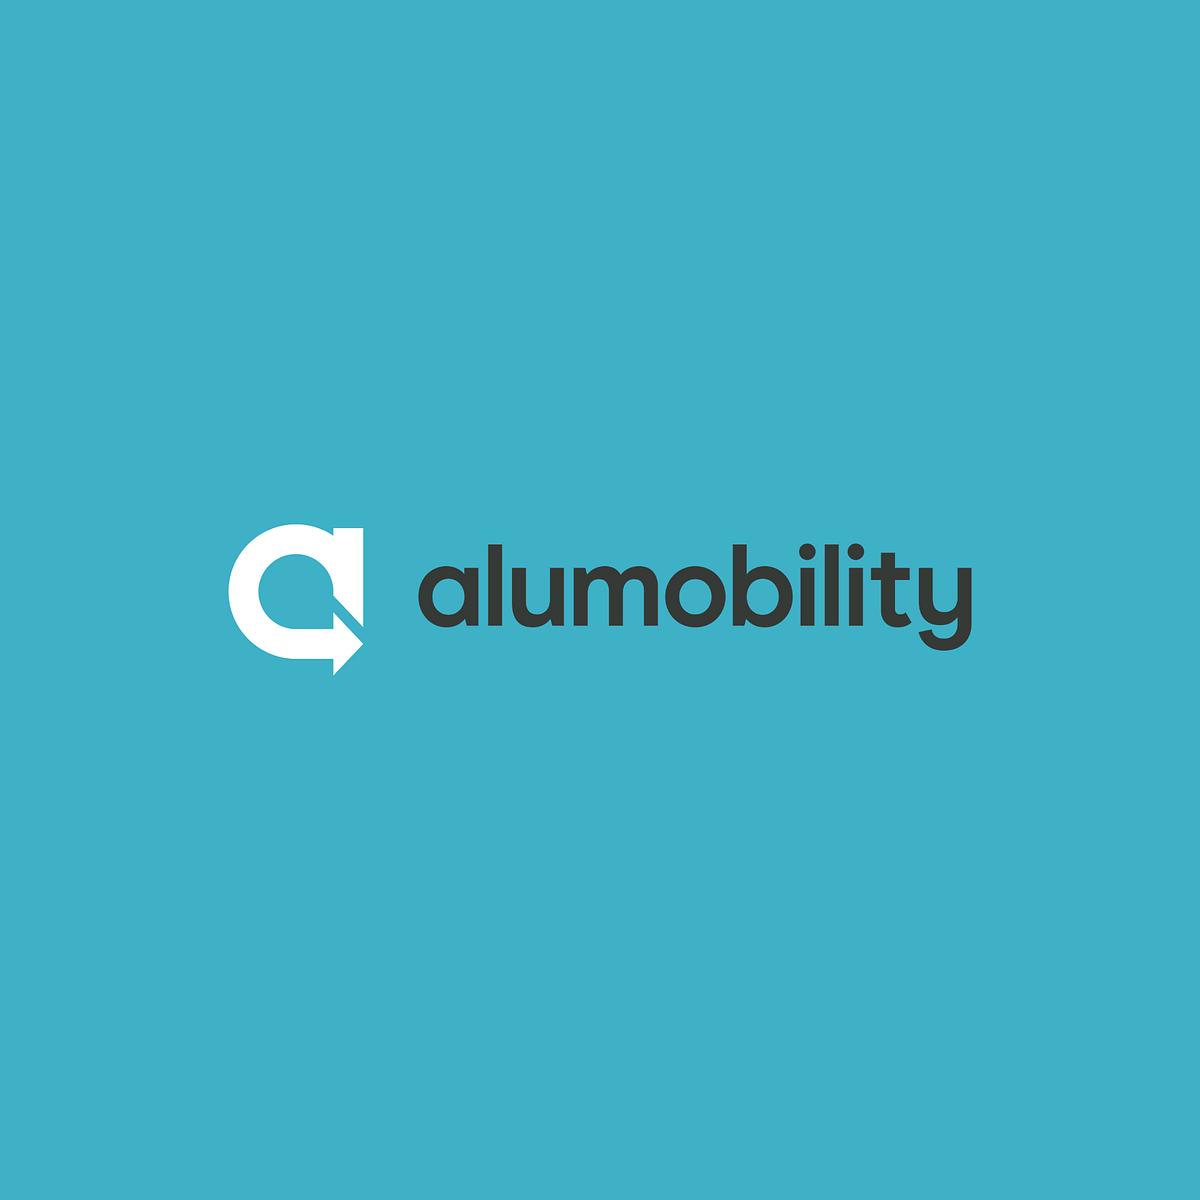 Constellium & Novelis Establish Alumobility